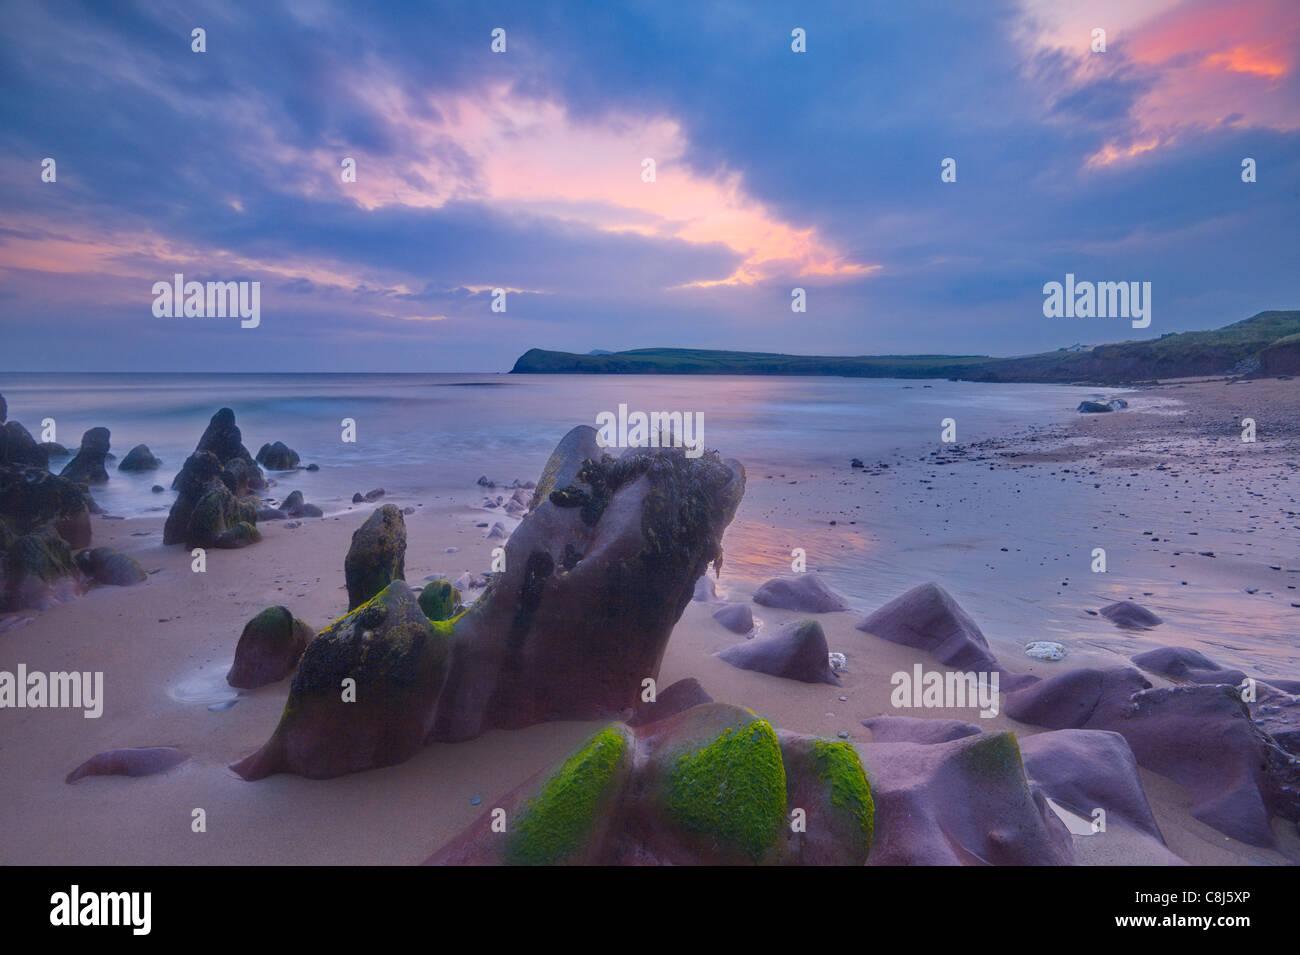 rugged coastline at sunset on Dingle Peninsula, Co.Kerry, Ireland - Stock Image